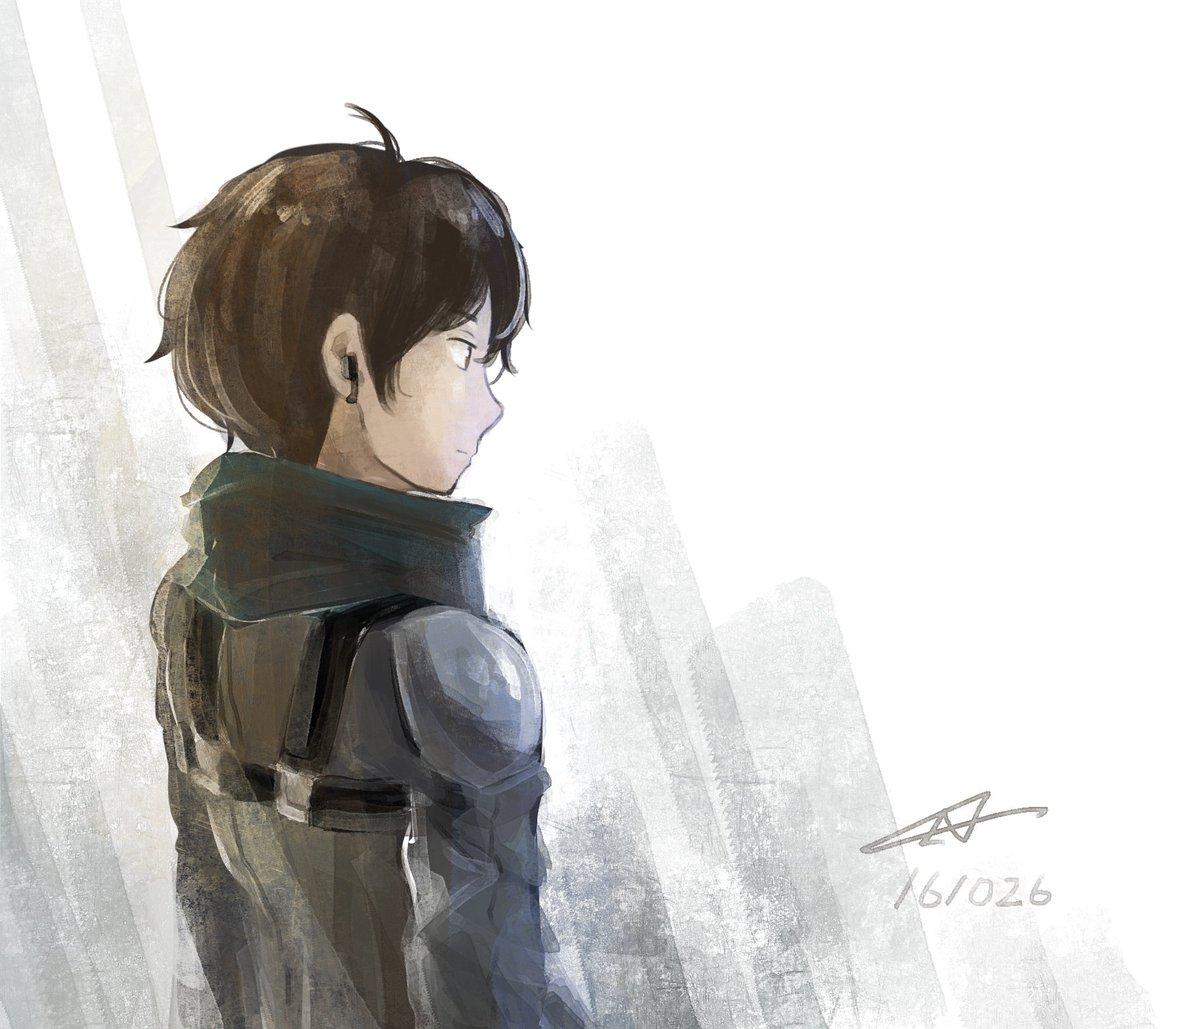 界塚伊奈帆 / アルドノア・ゼロ横顔が似合うと思うんだ…